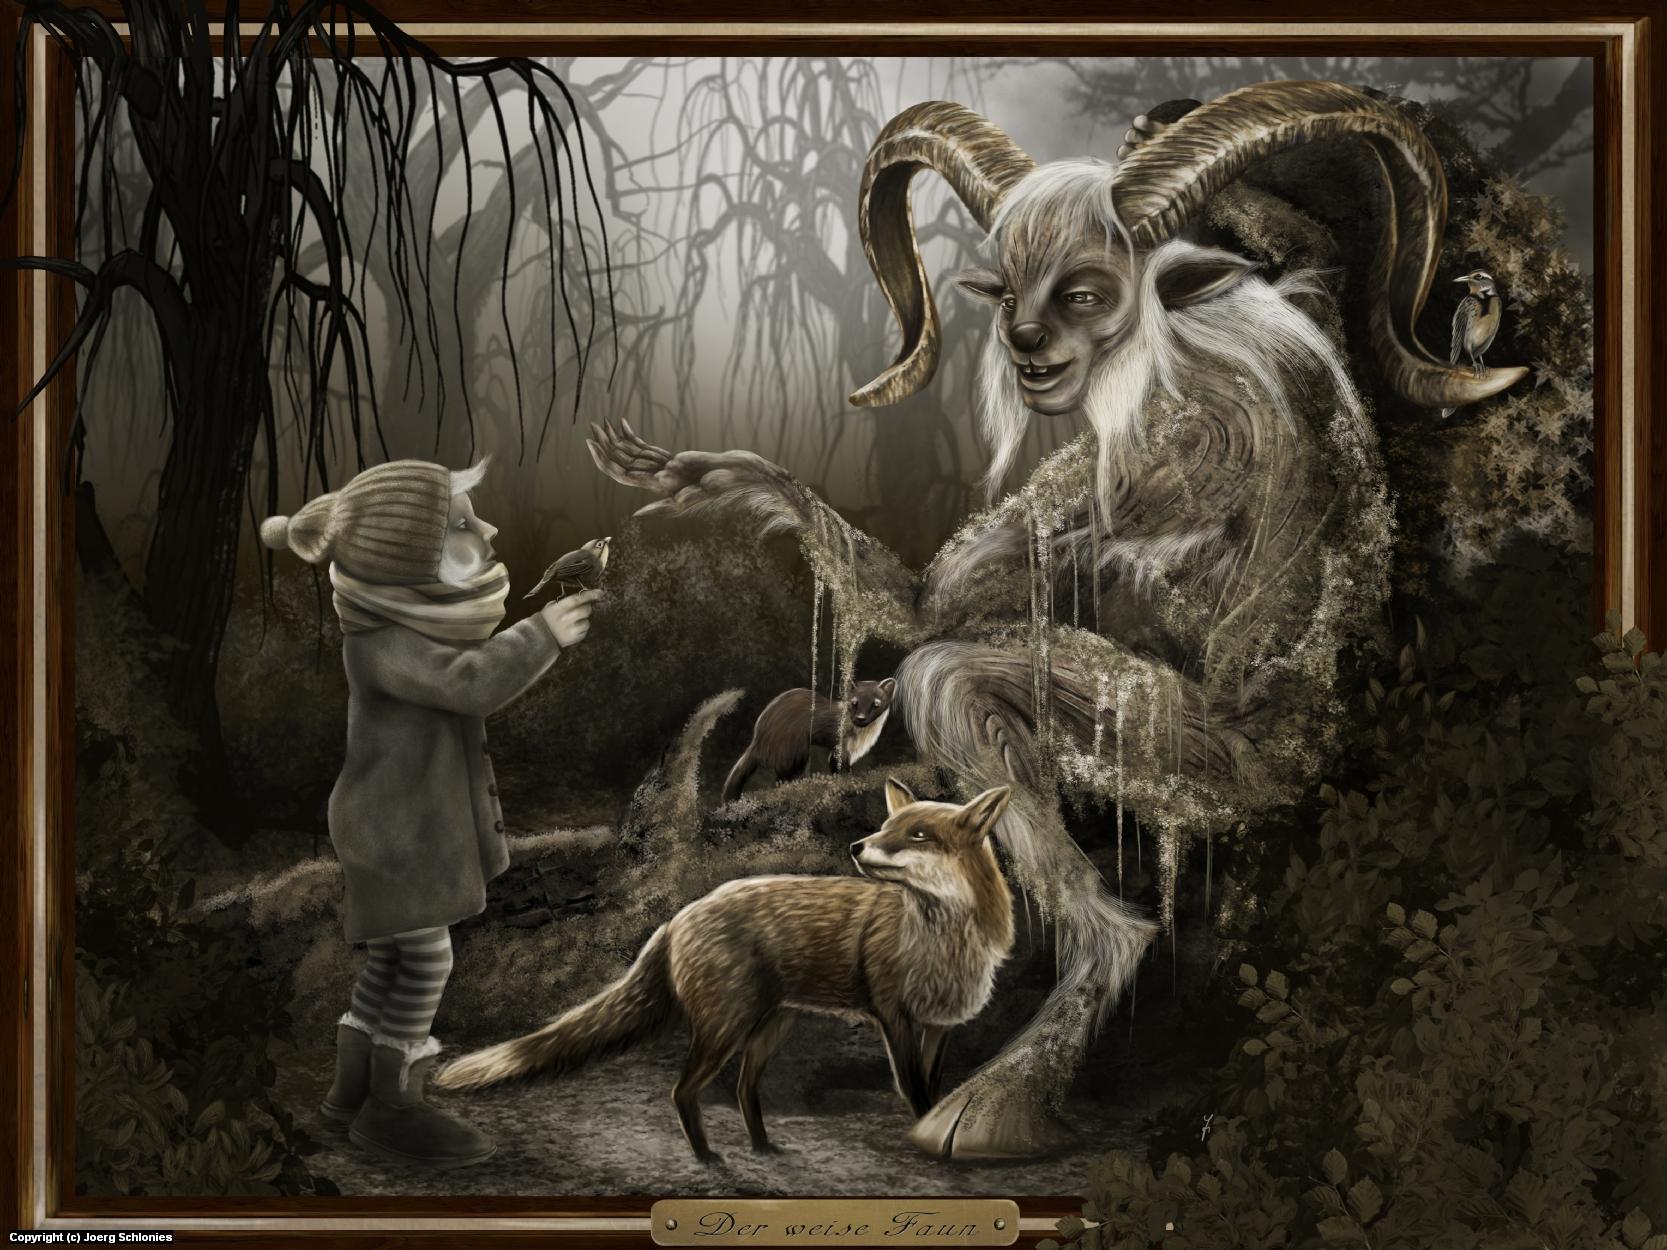 Der weise Faun (The wise Faun) Artwork by Joerg Schlonies